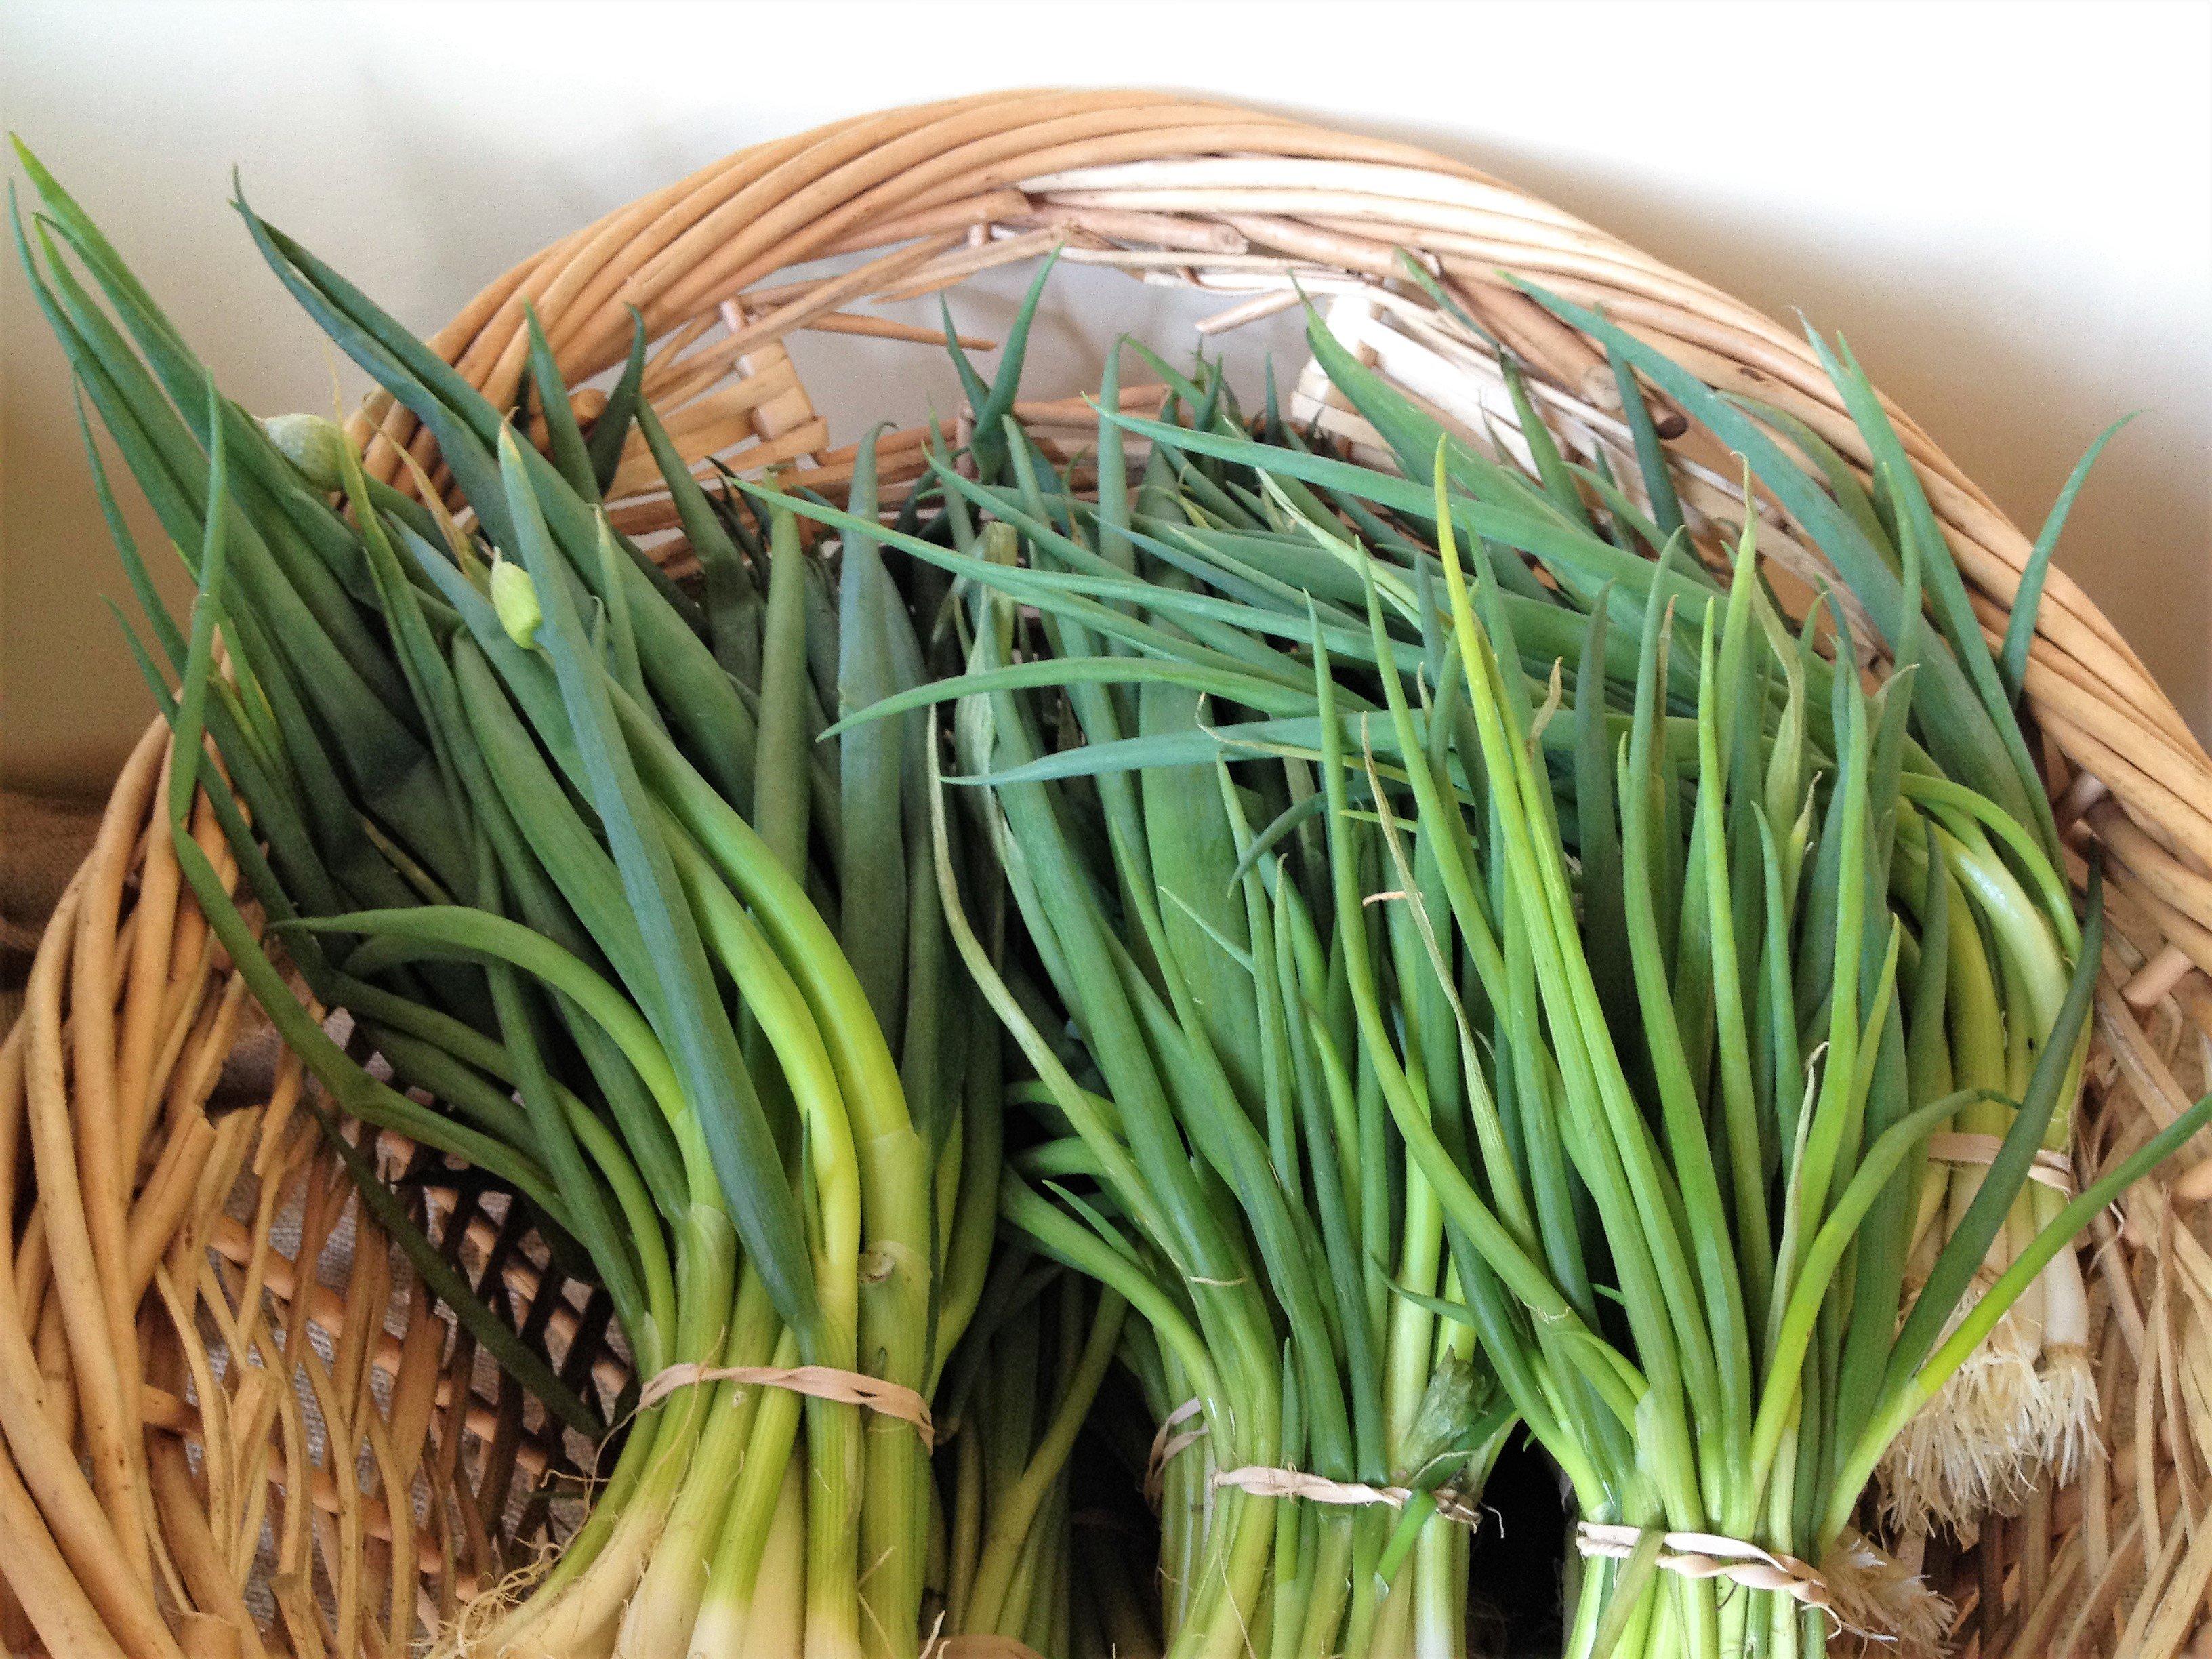 Green Onions From Godshall Farm